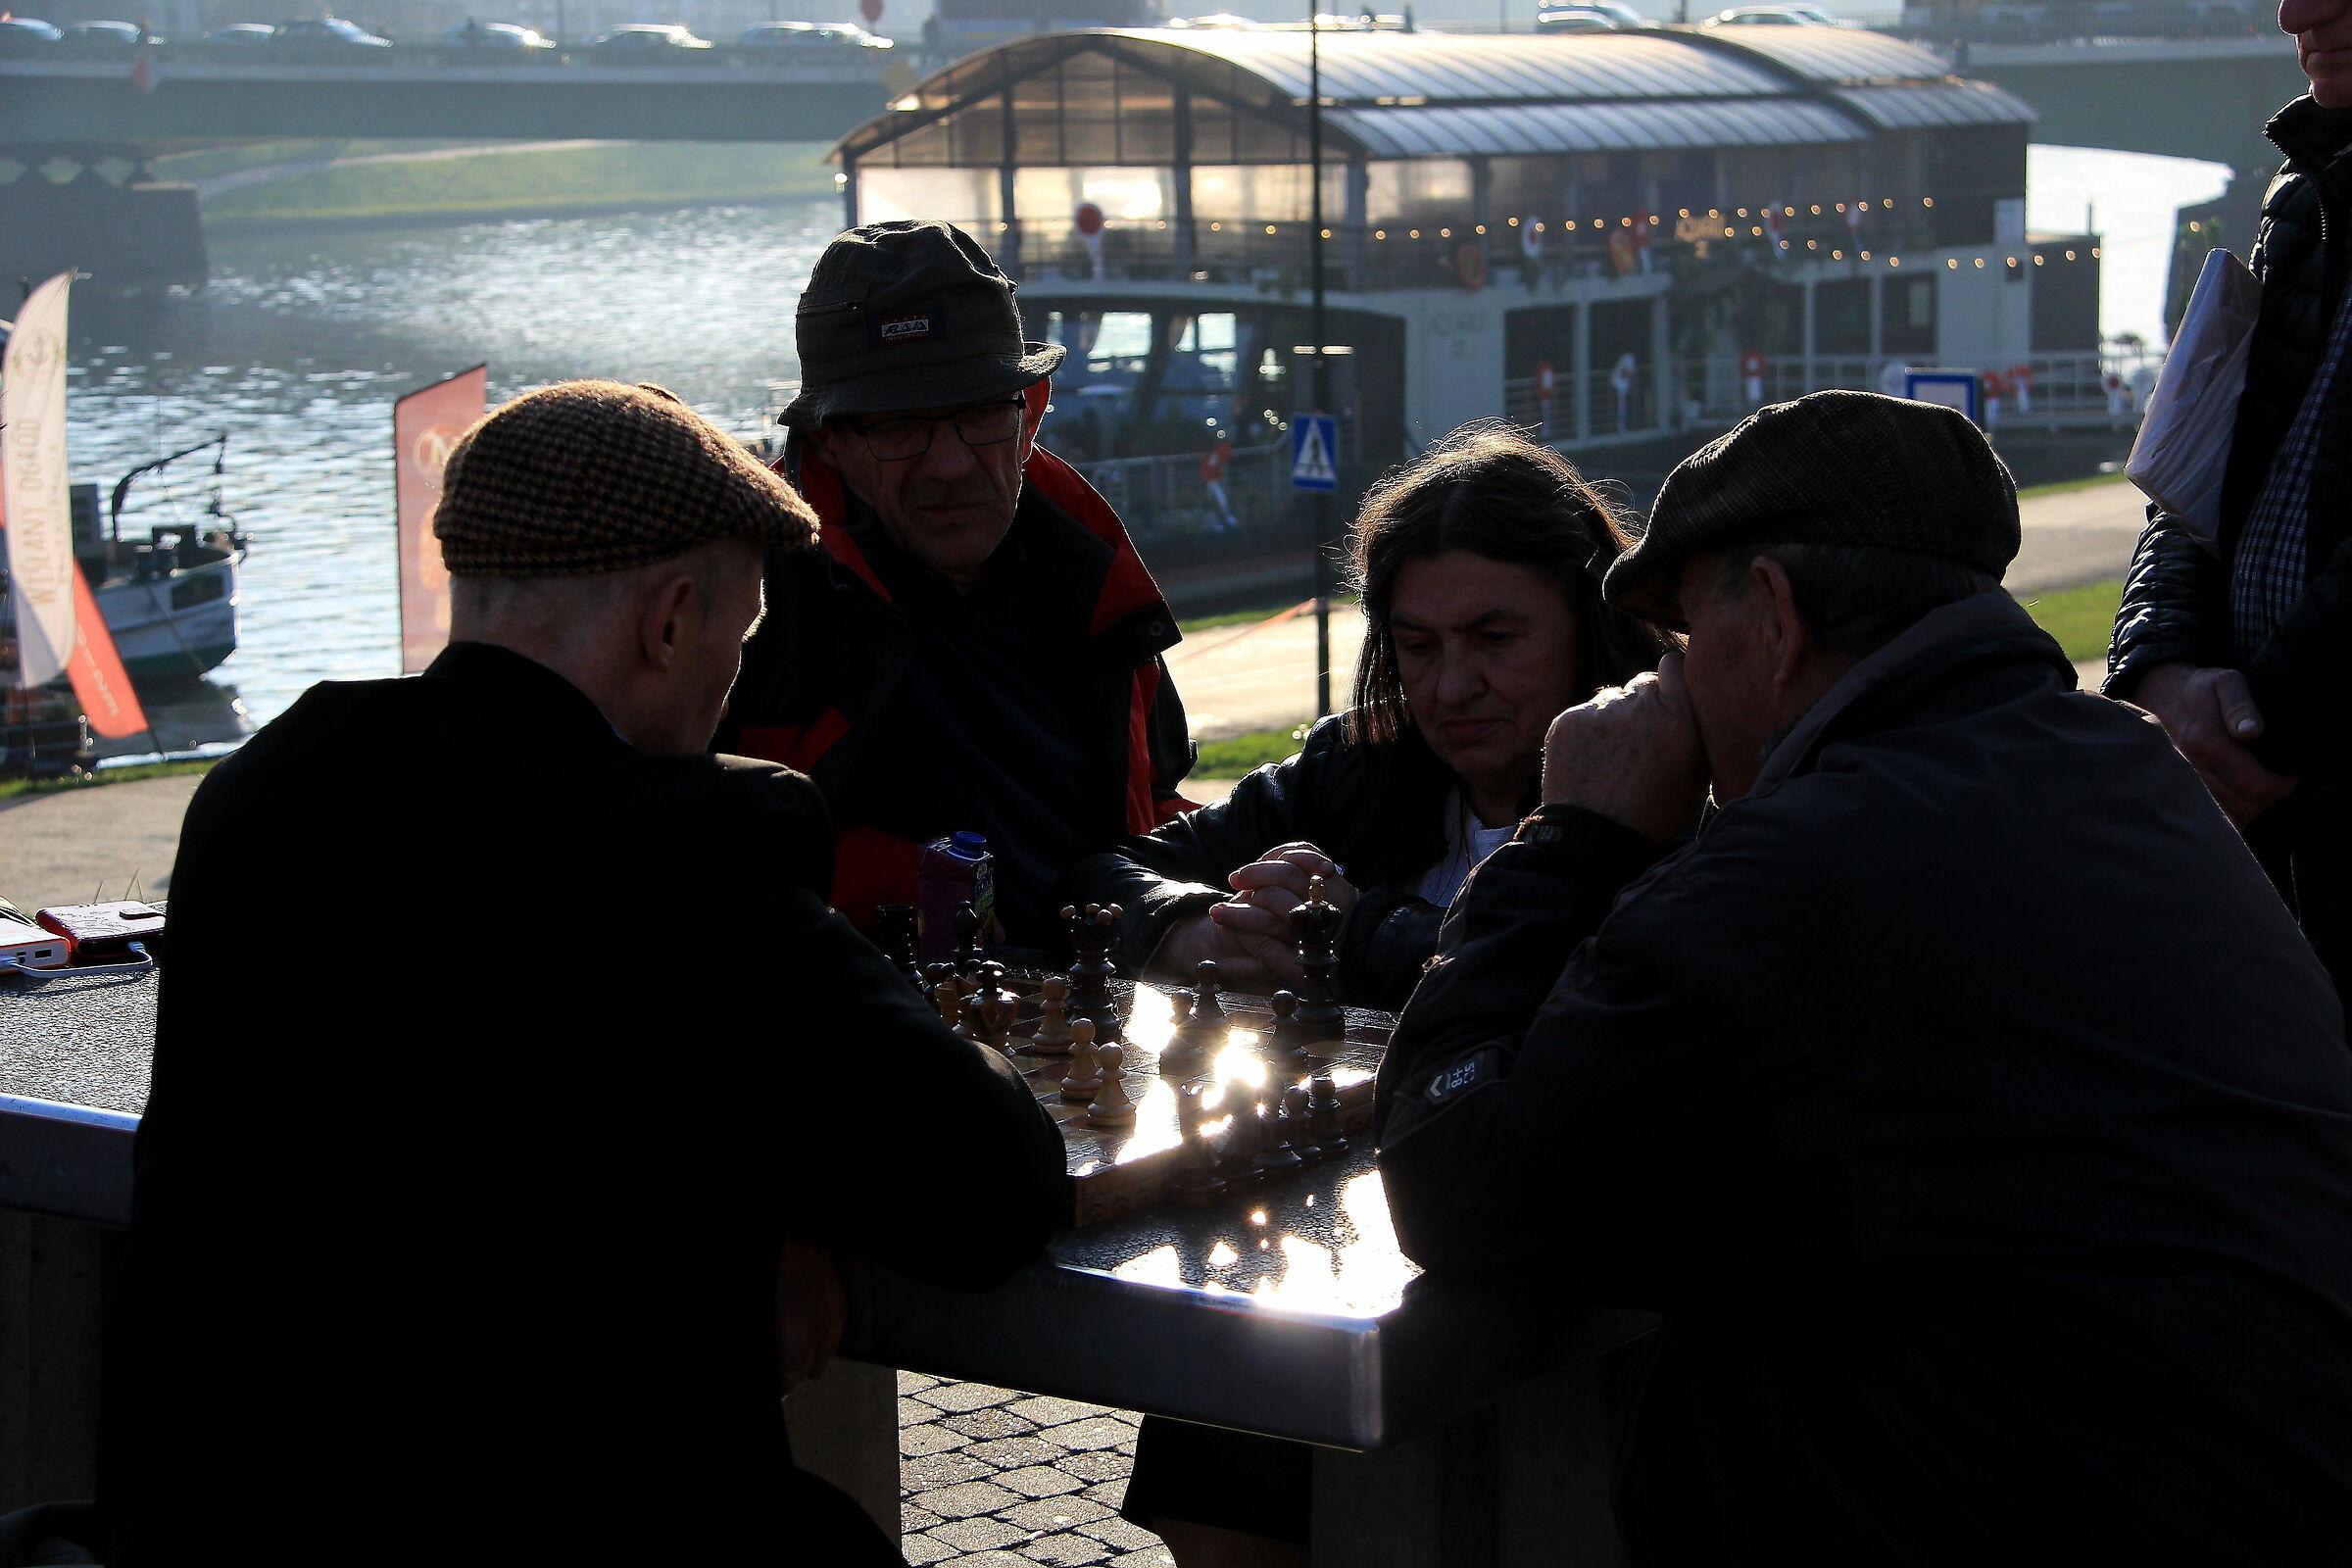 La partita a scacchi...